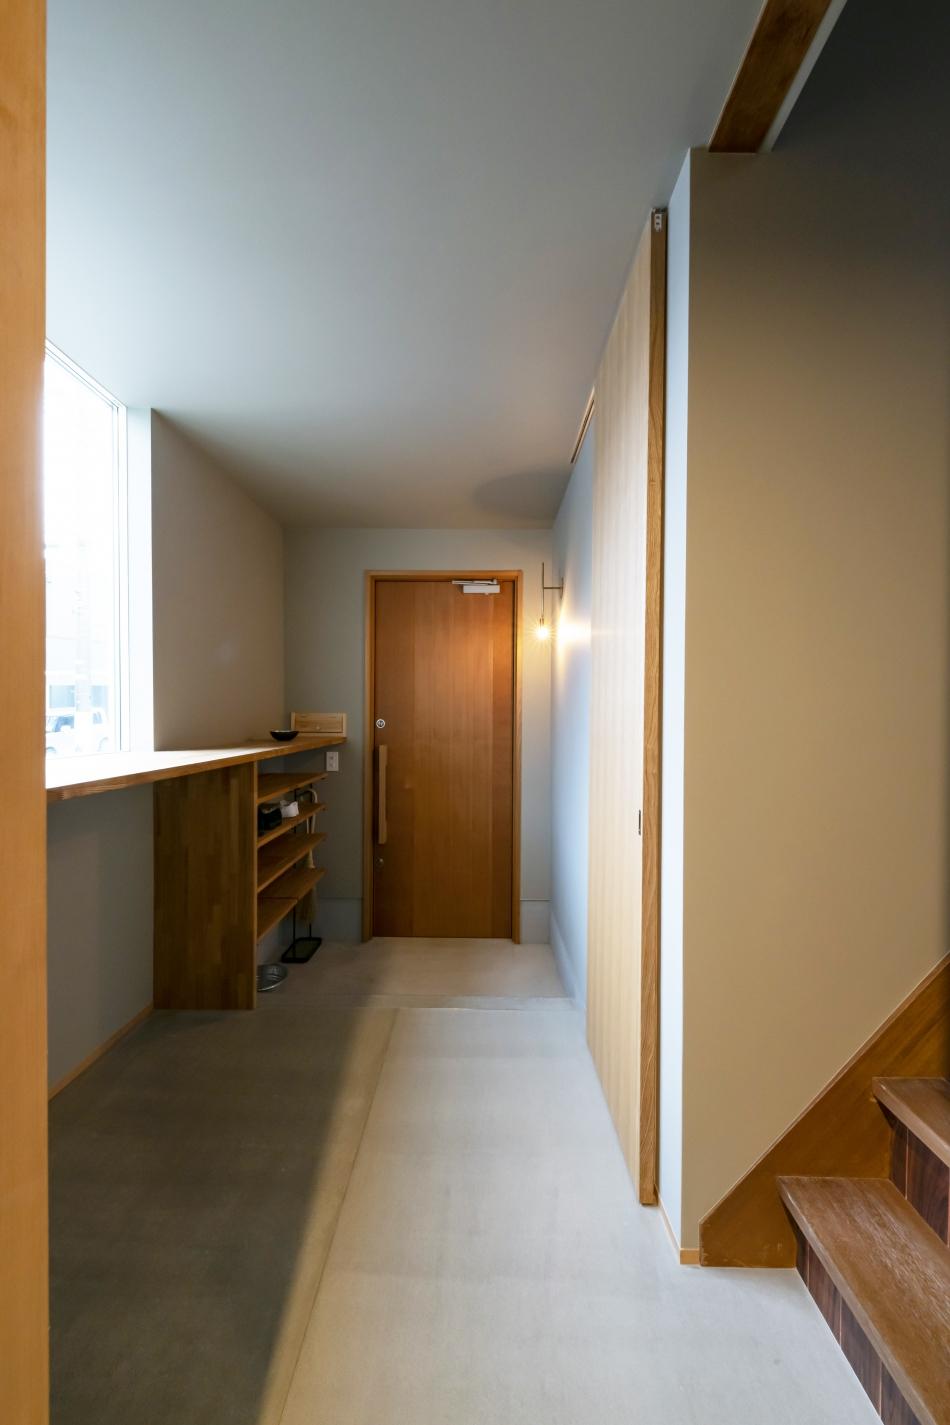 造作の玄関扉と玄関土間、モルタル風に仕上げた廊下はシンプルでモダンな空間